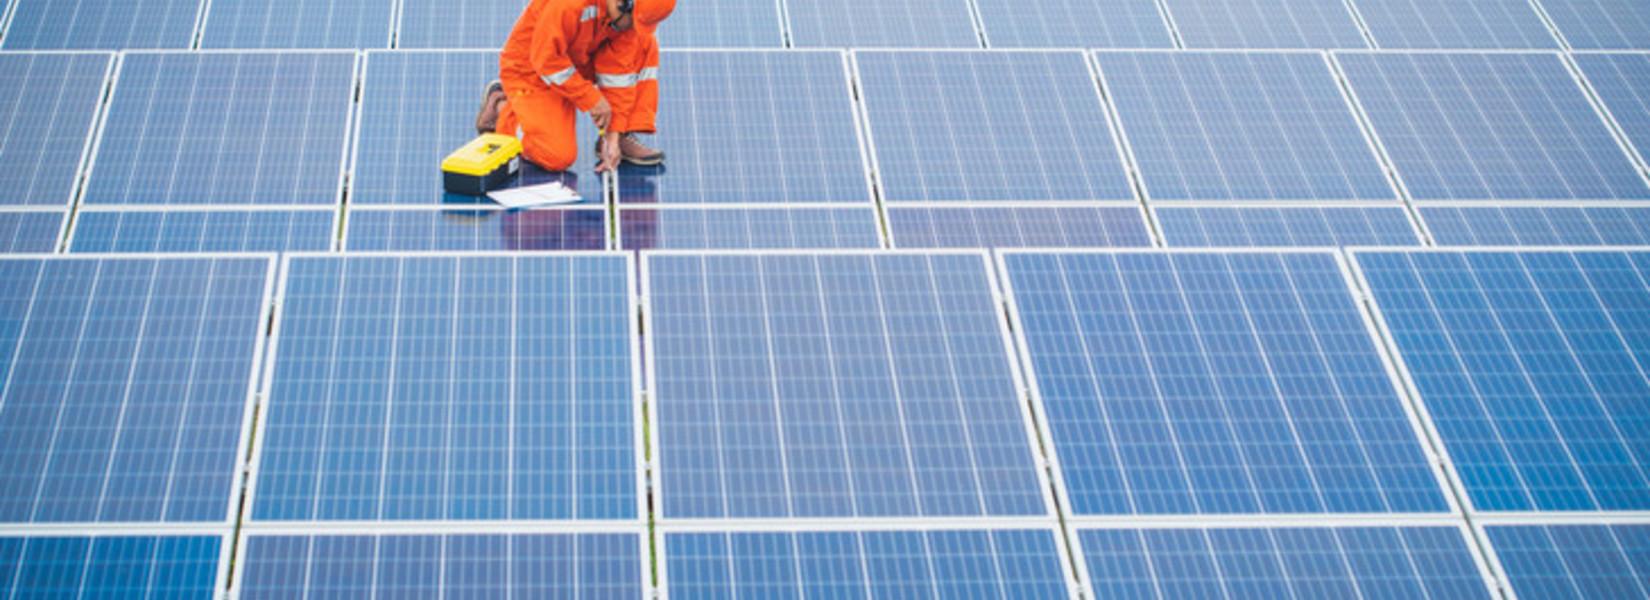 Image centrale photovoltaique